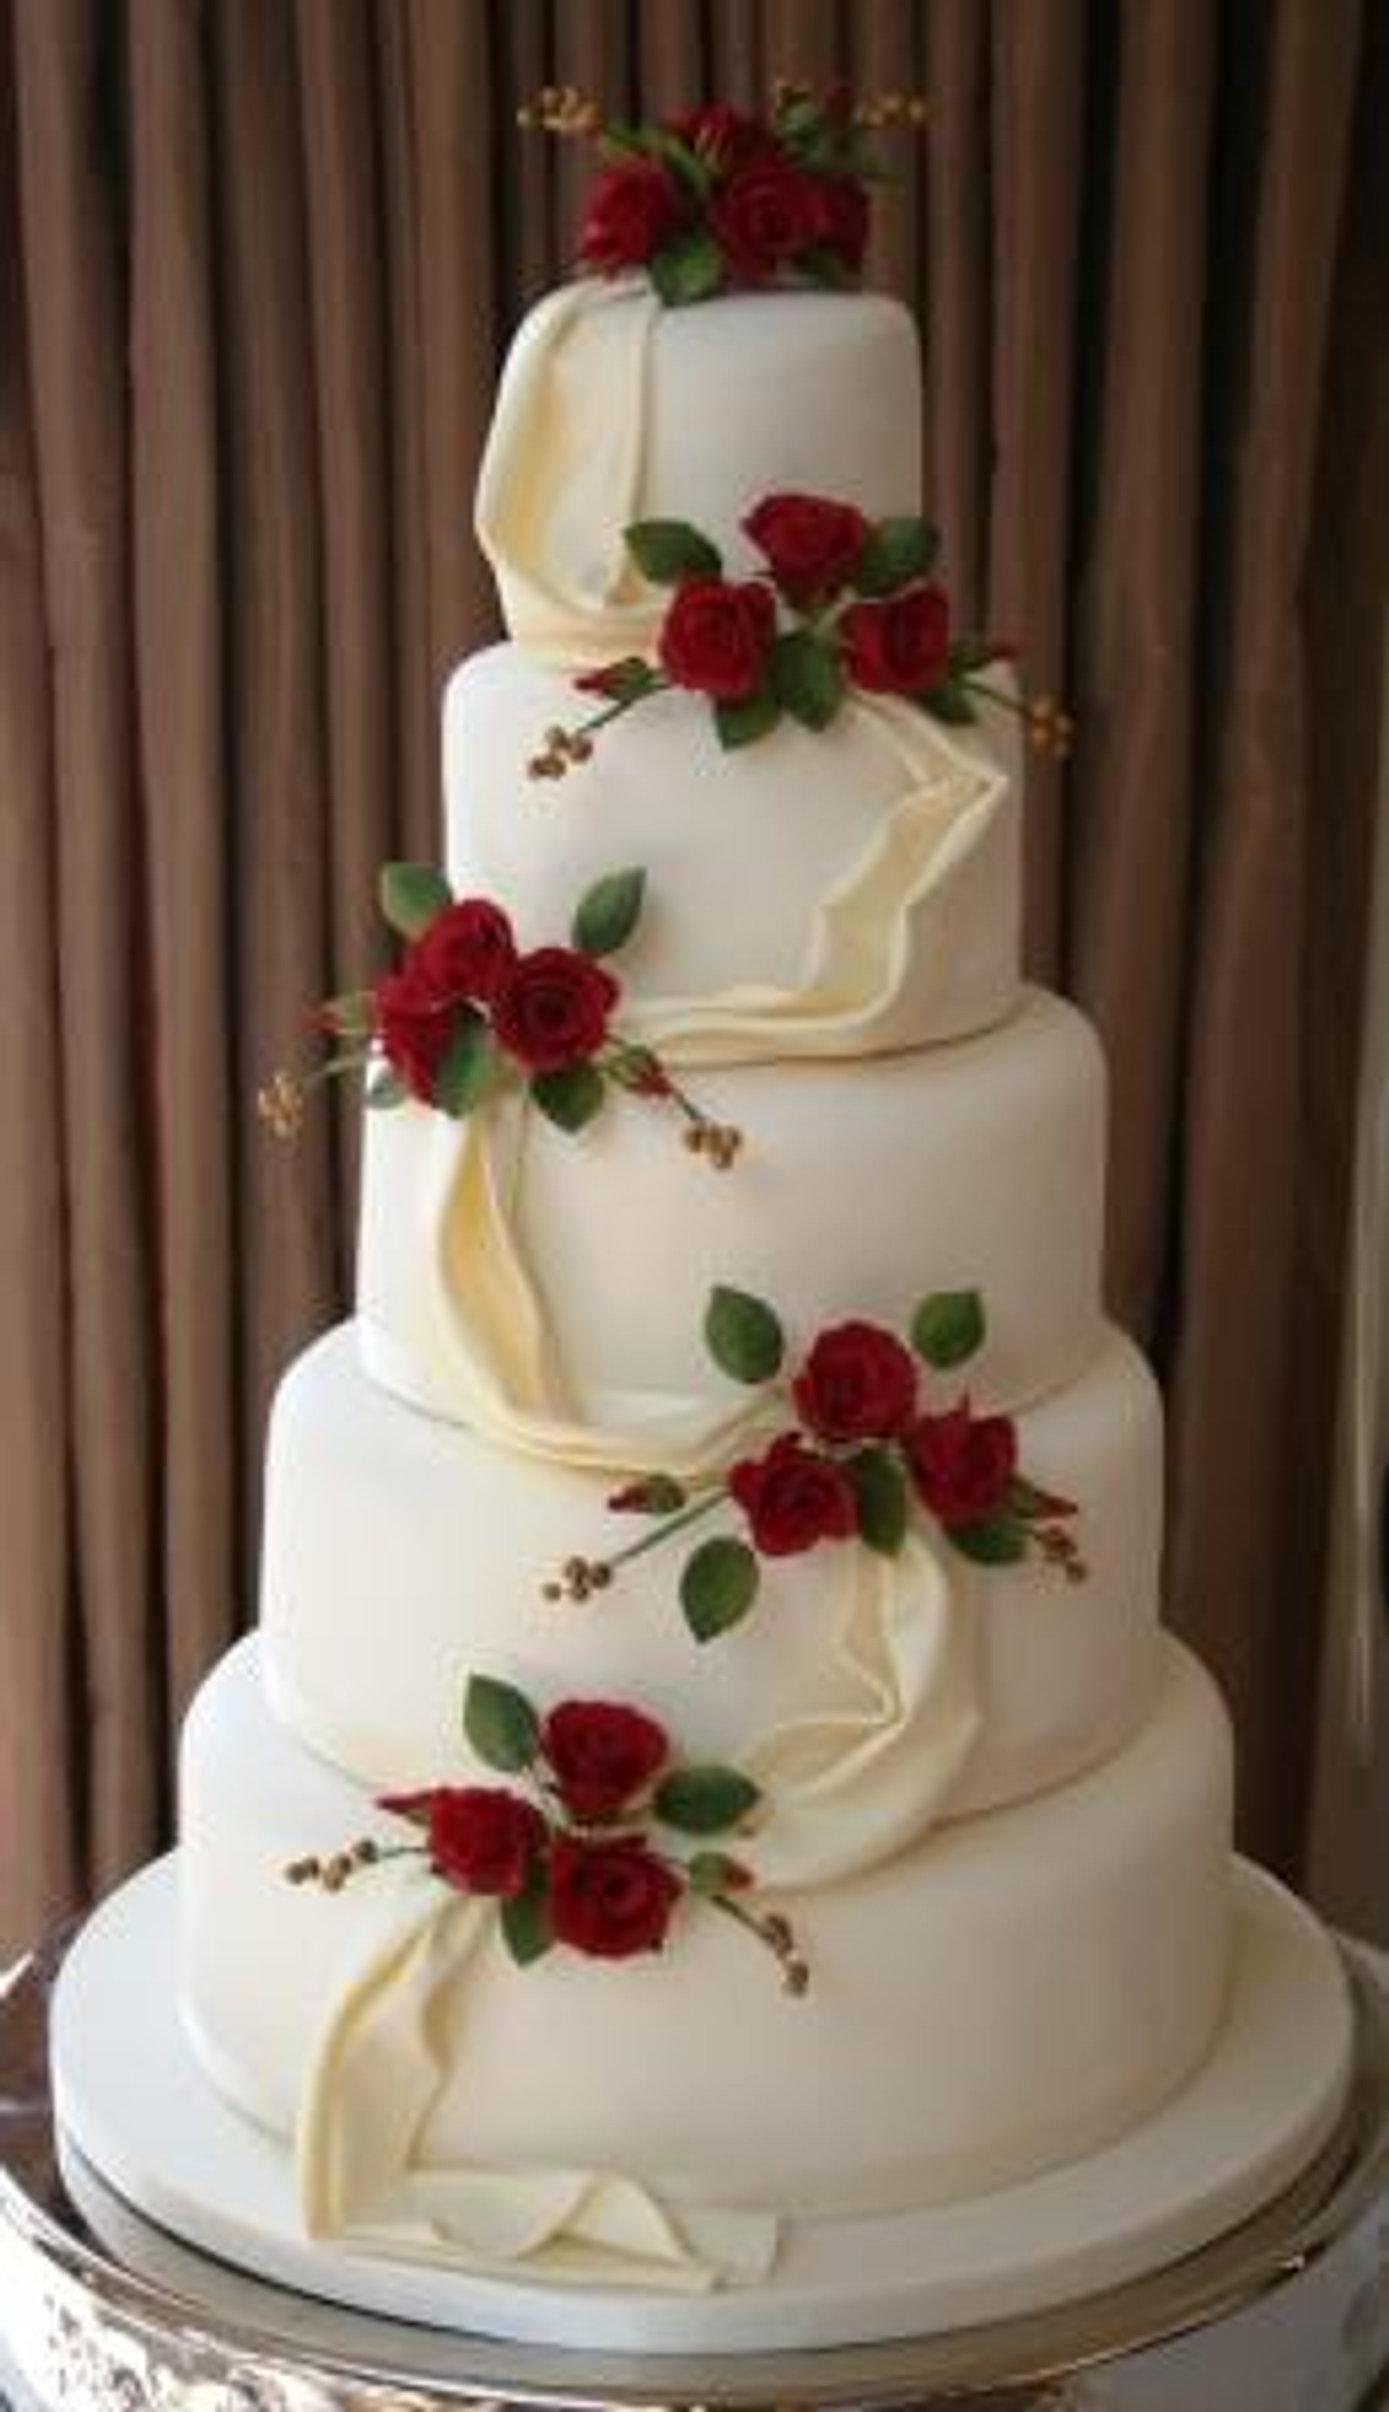 rose and drapping 5 teir wedding cake brisbane.jpg